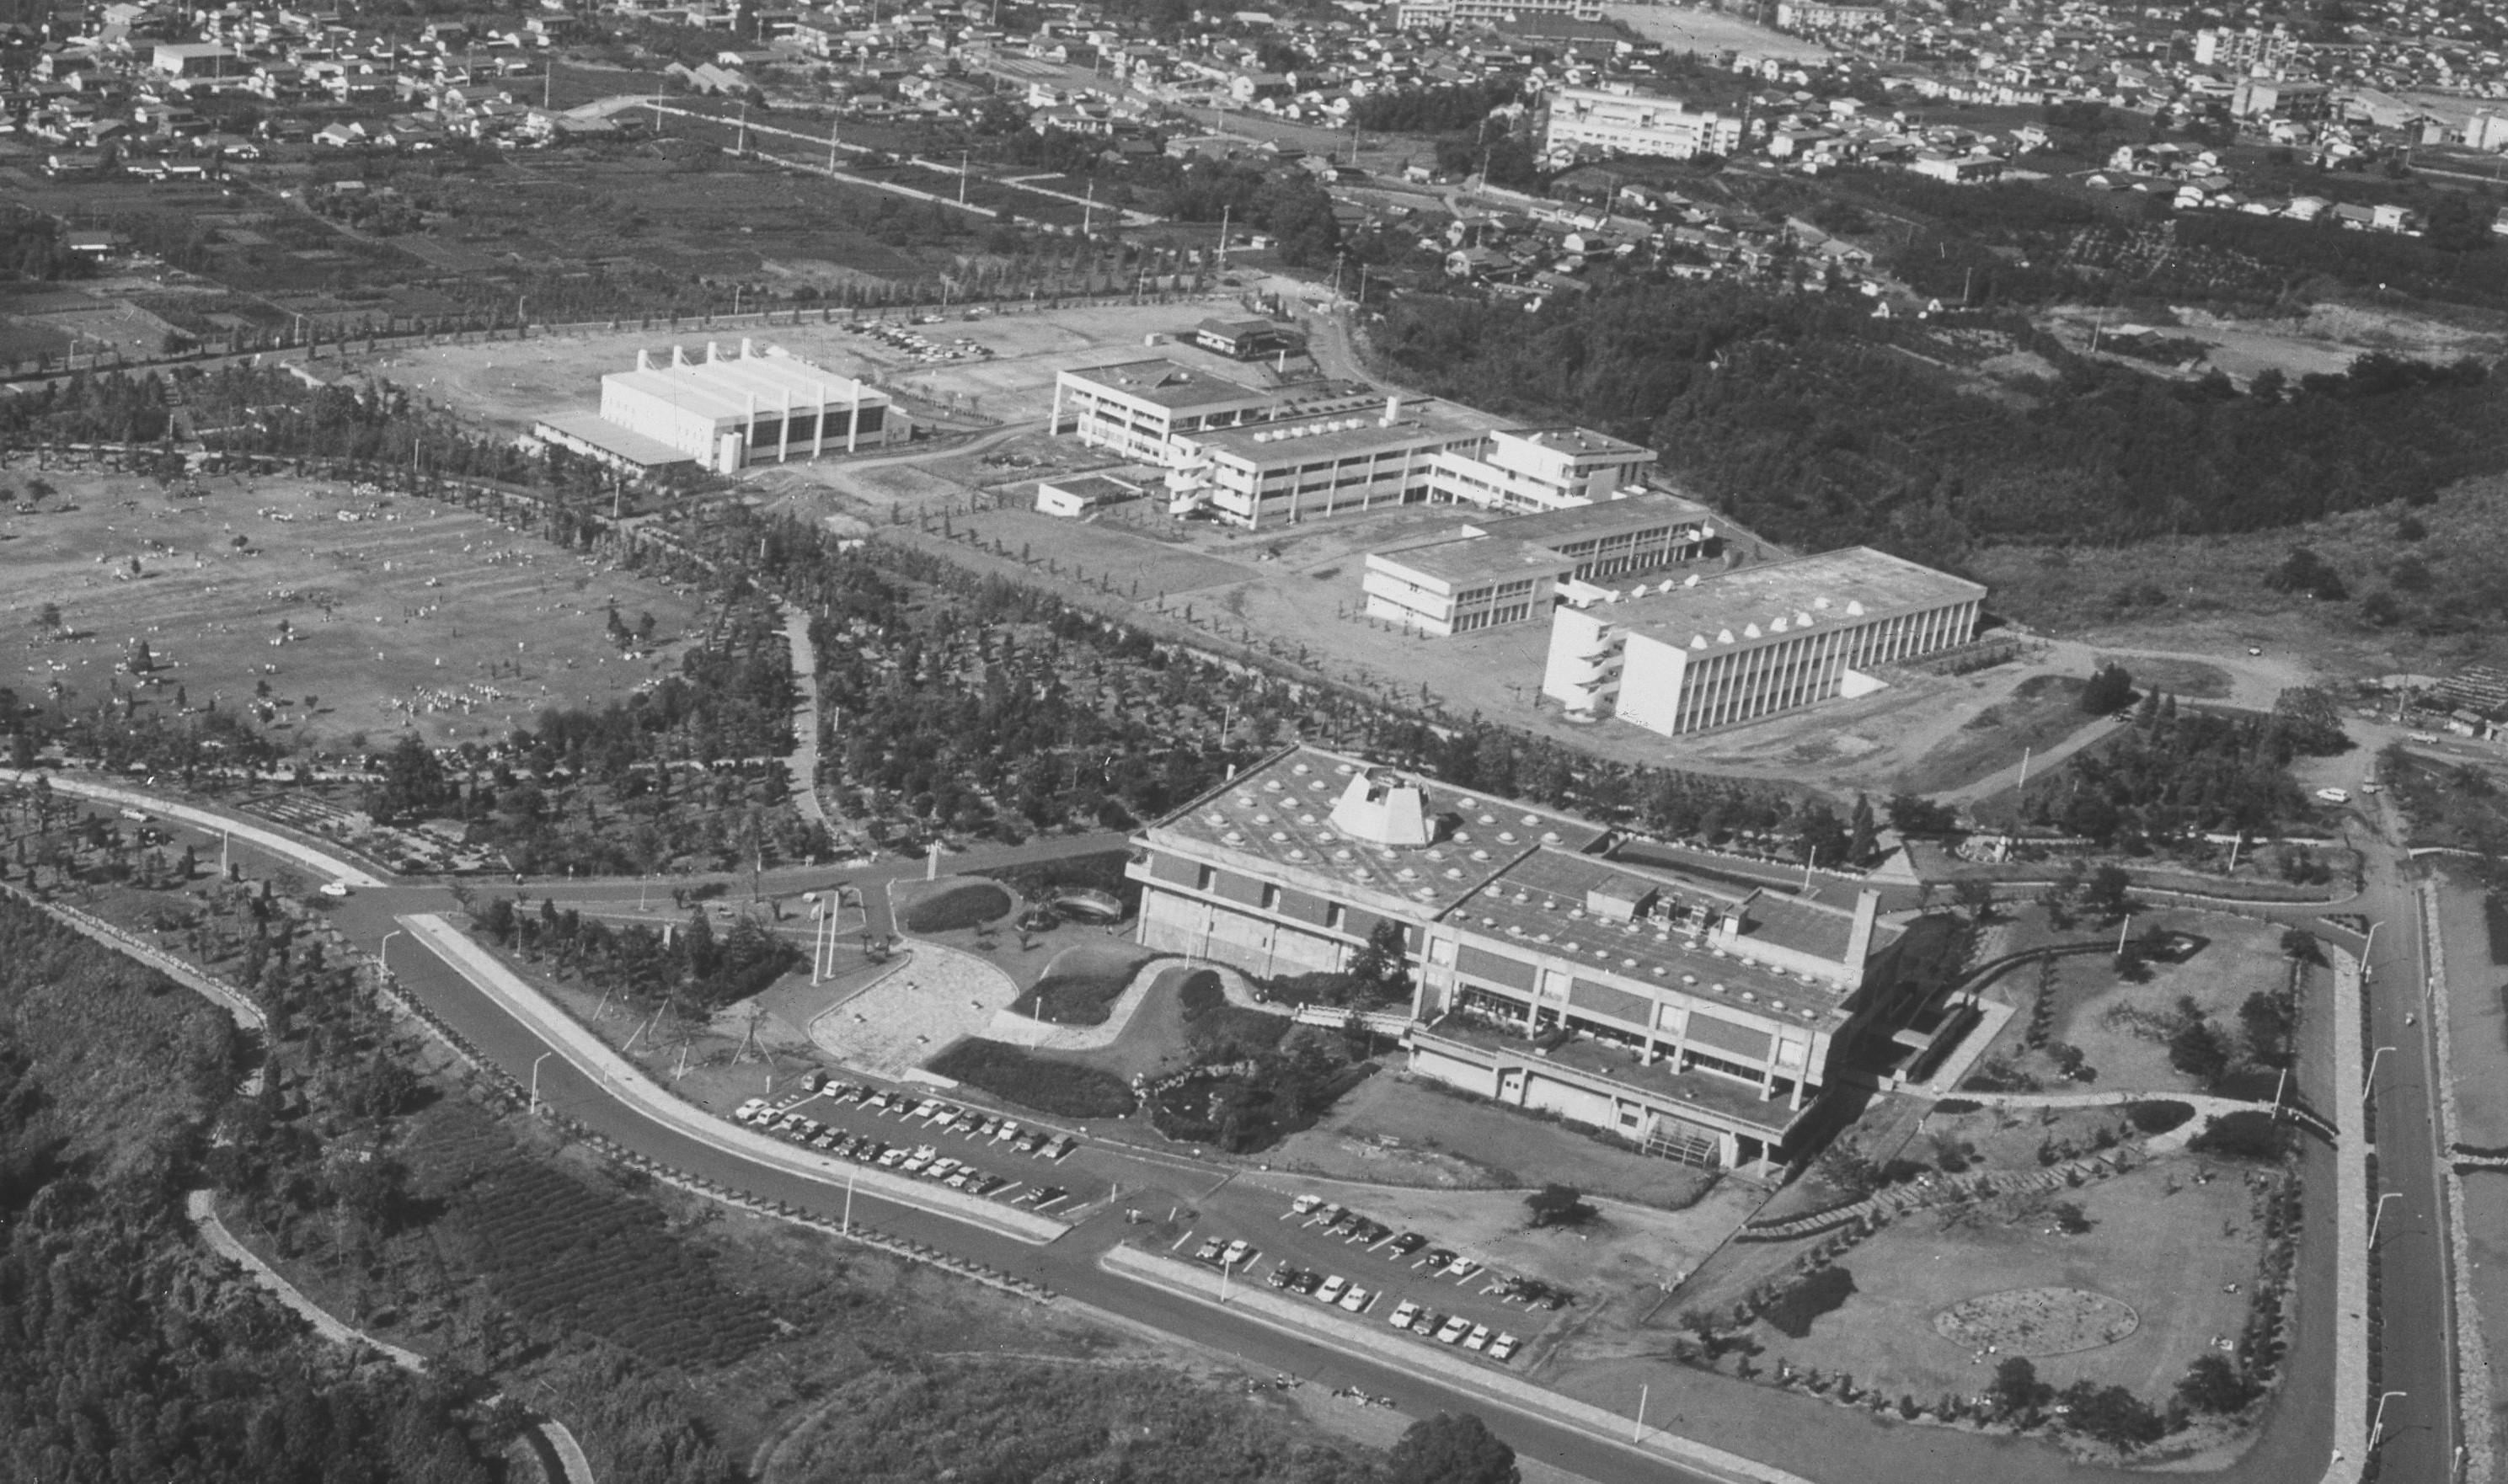 開館当時の県立中央図書館空中写真